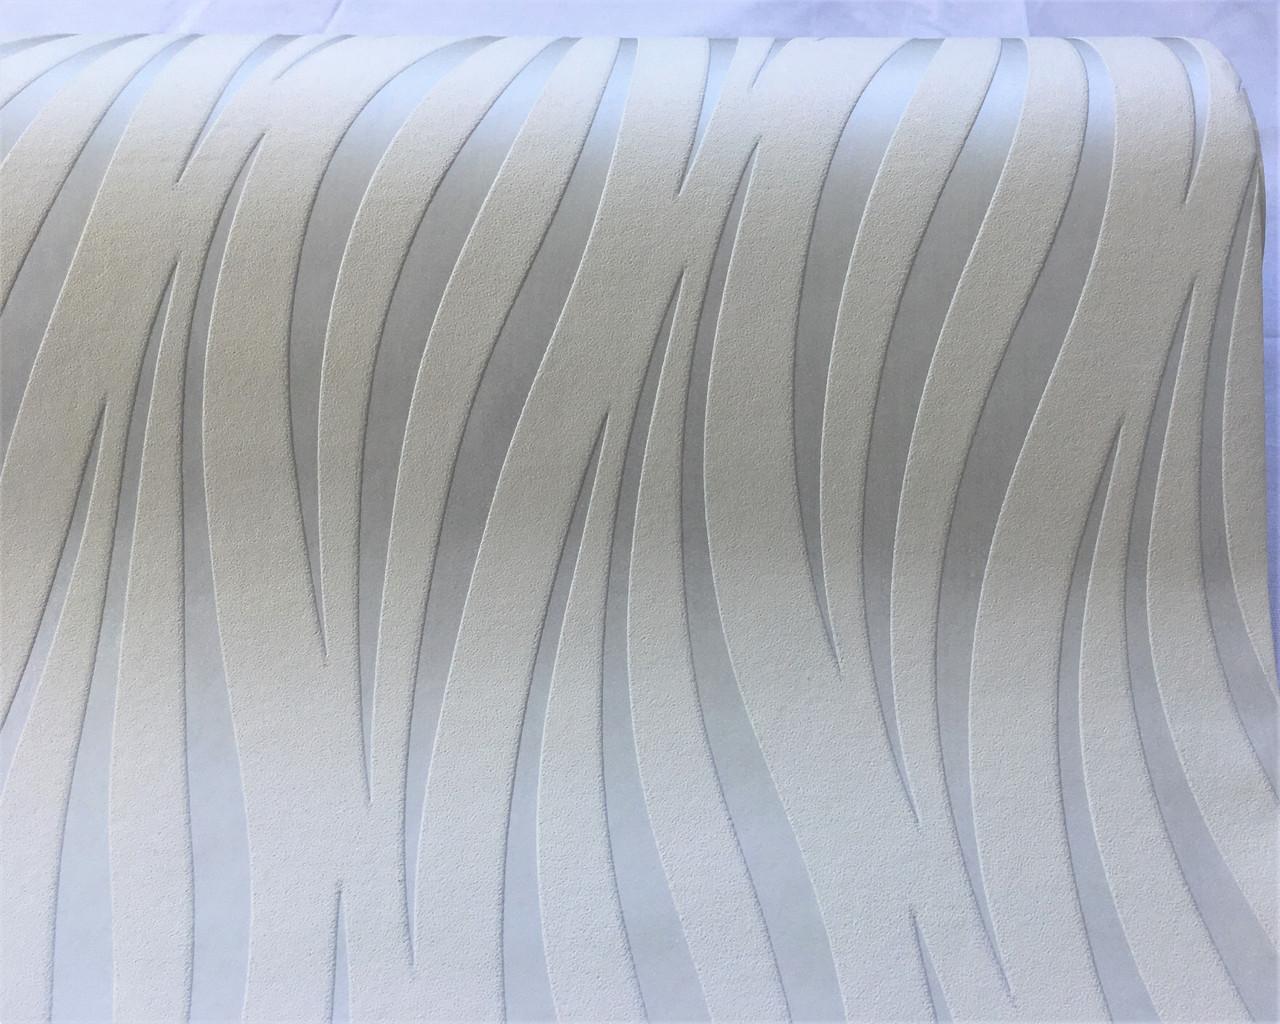 Стильные белые обои 139030 с волнистым абстрактным металлизированным рисунком под серебро платину, виниловые